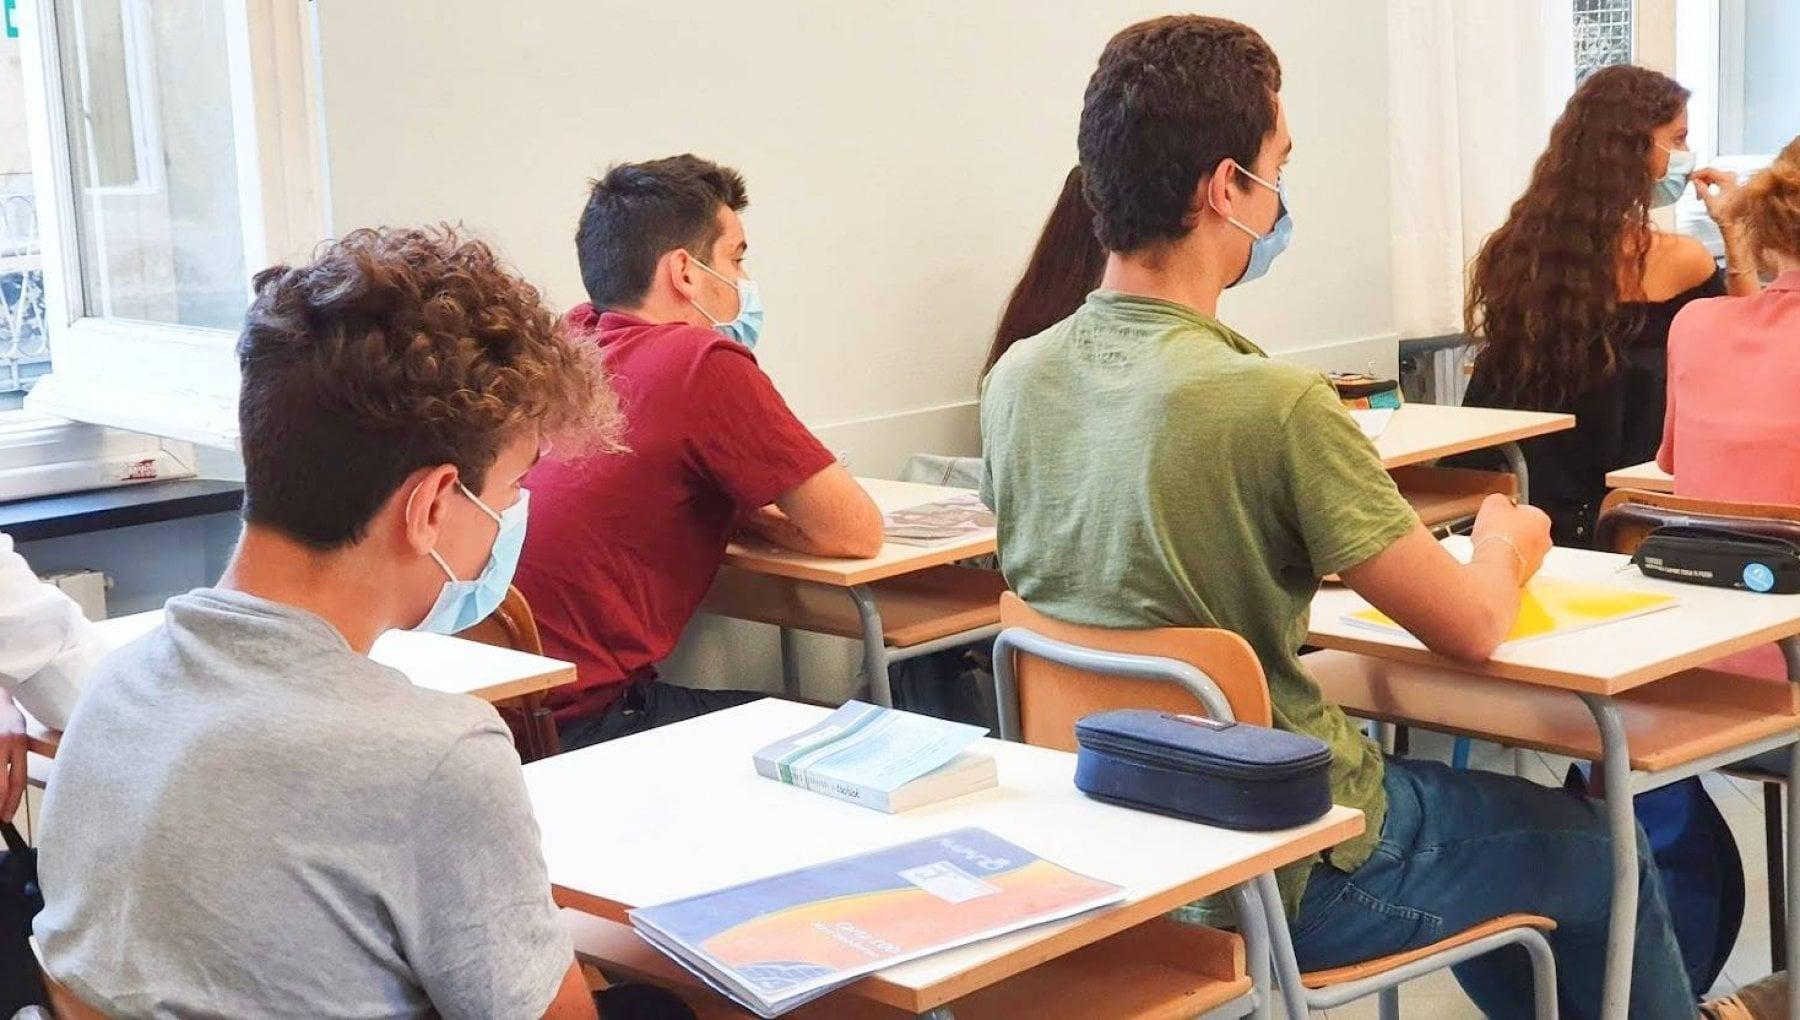 """210810761 84cec477 995f 4b87 bd6f efc6660319d9 - """"Noi, i più bravi d'Italia sui banchi"""". La sfida all'ultimo test dei futuri geni"""